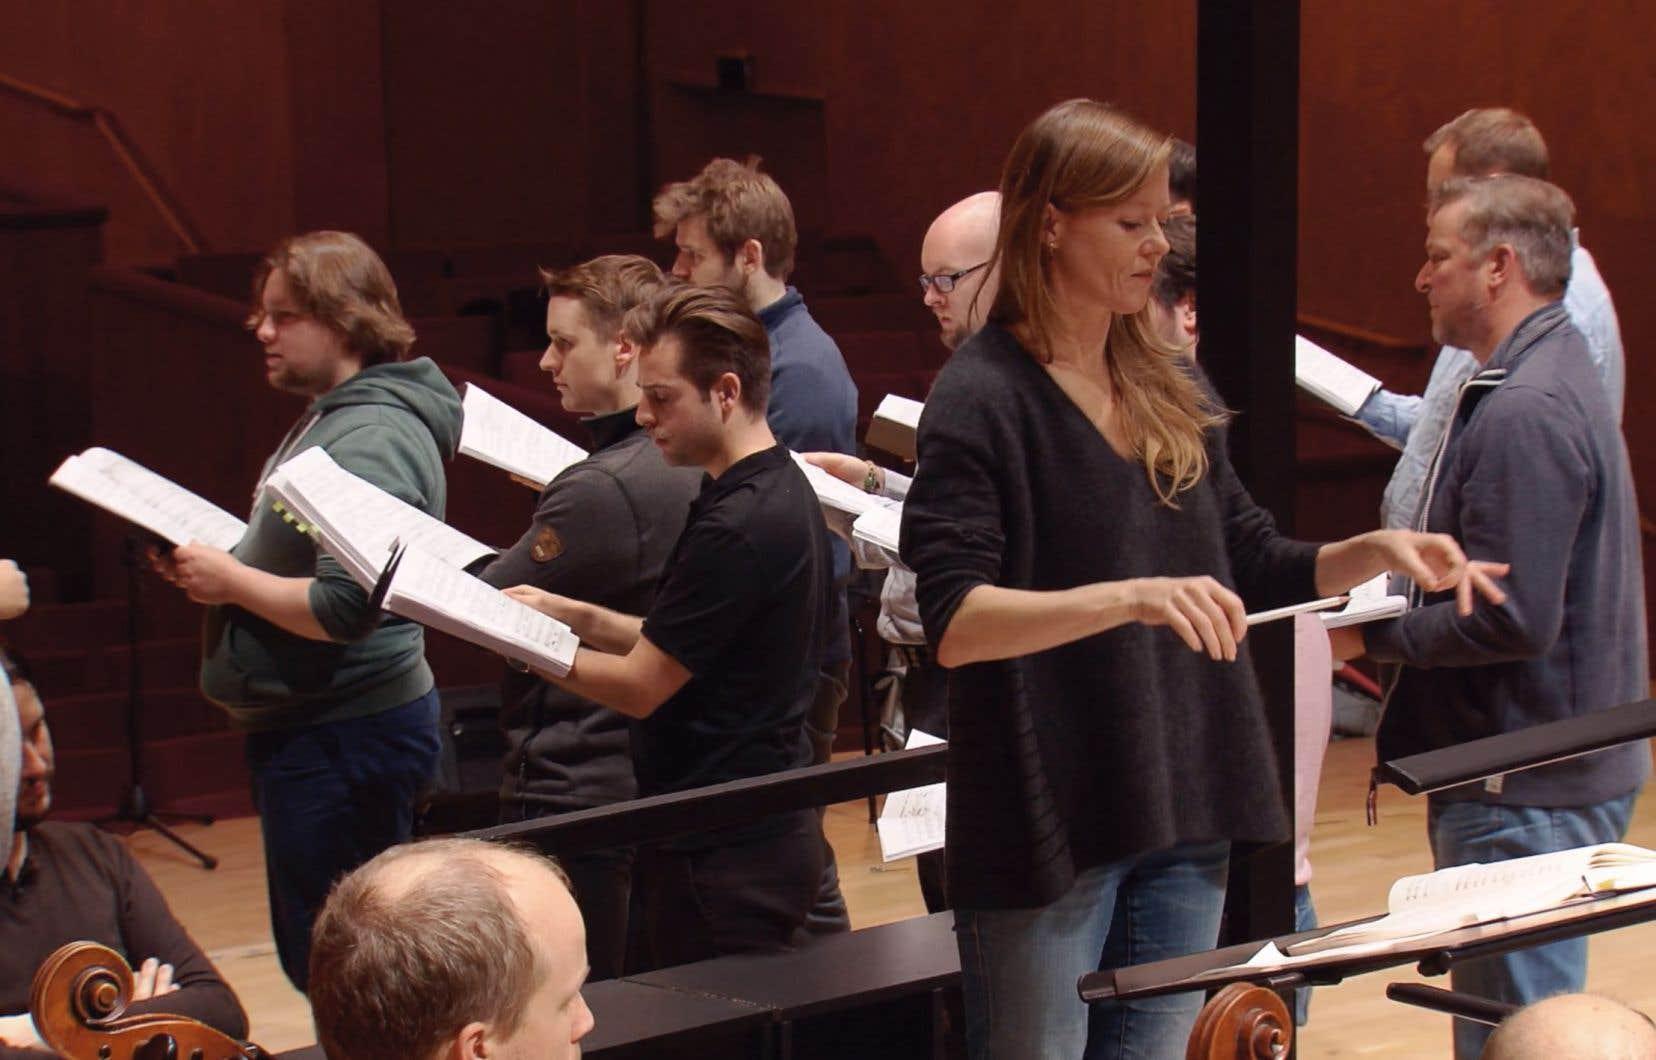 Le projet de Maria Stodtmeier se concentre sur le travail de préparation de la représentation semi-scénique du «Rake's Progress» de Stravinski dirigé par Barbara Hannigan à Göteborg.